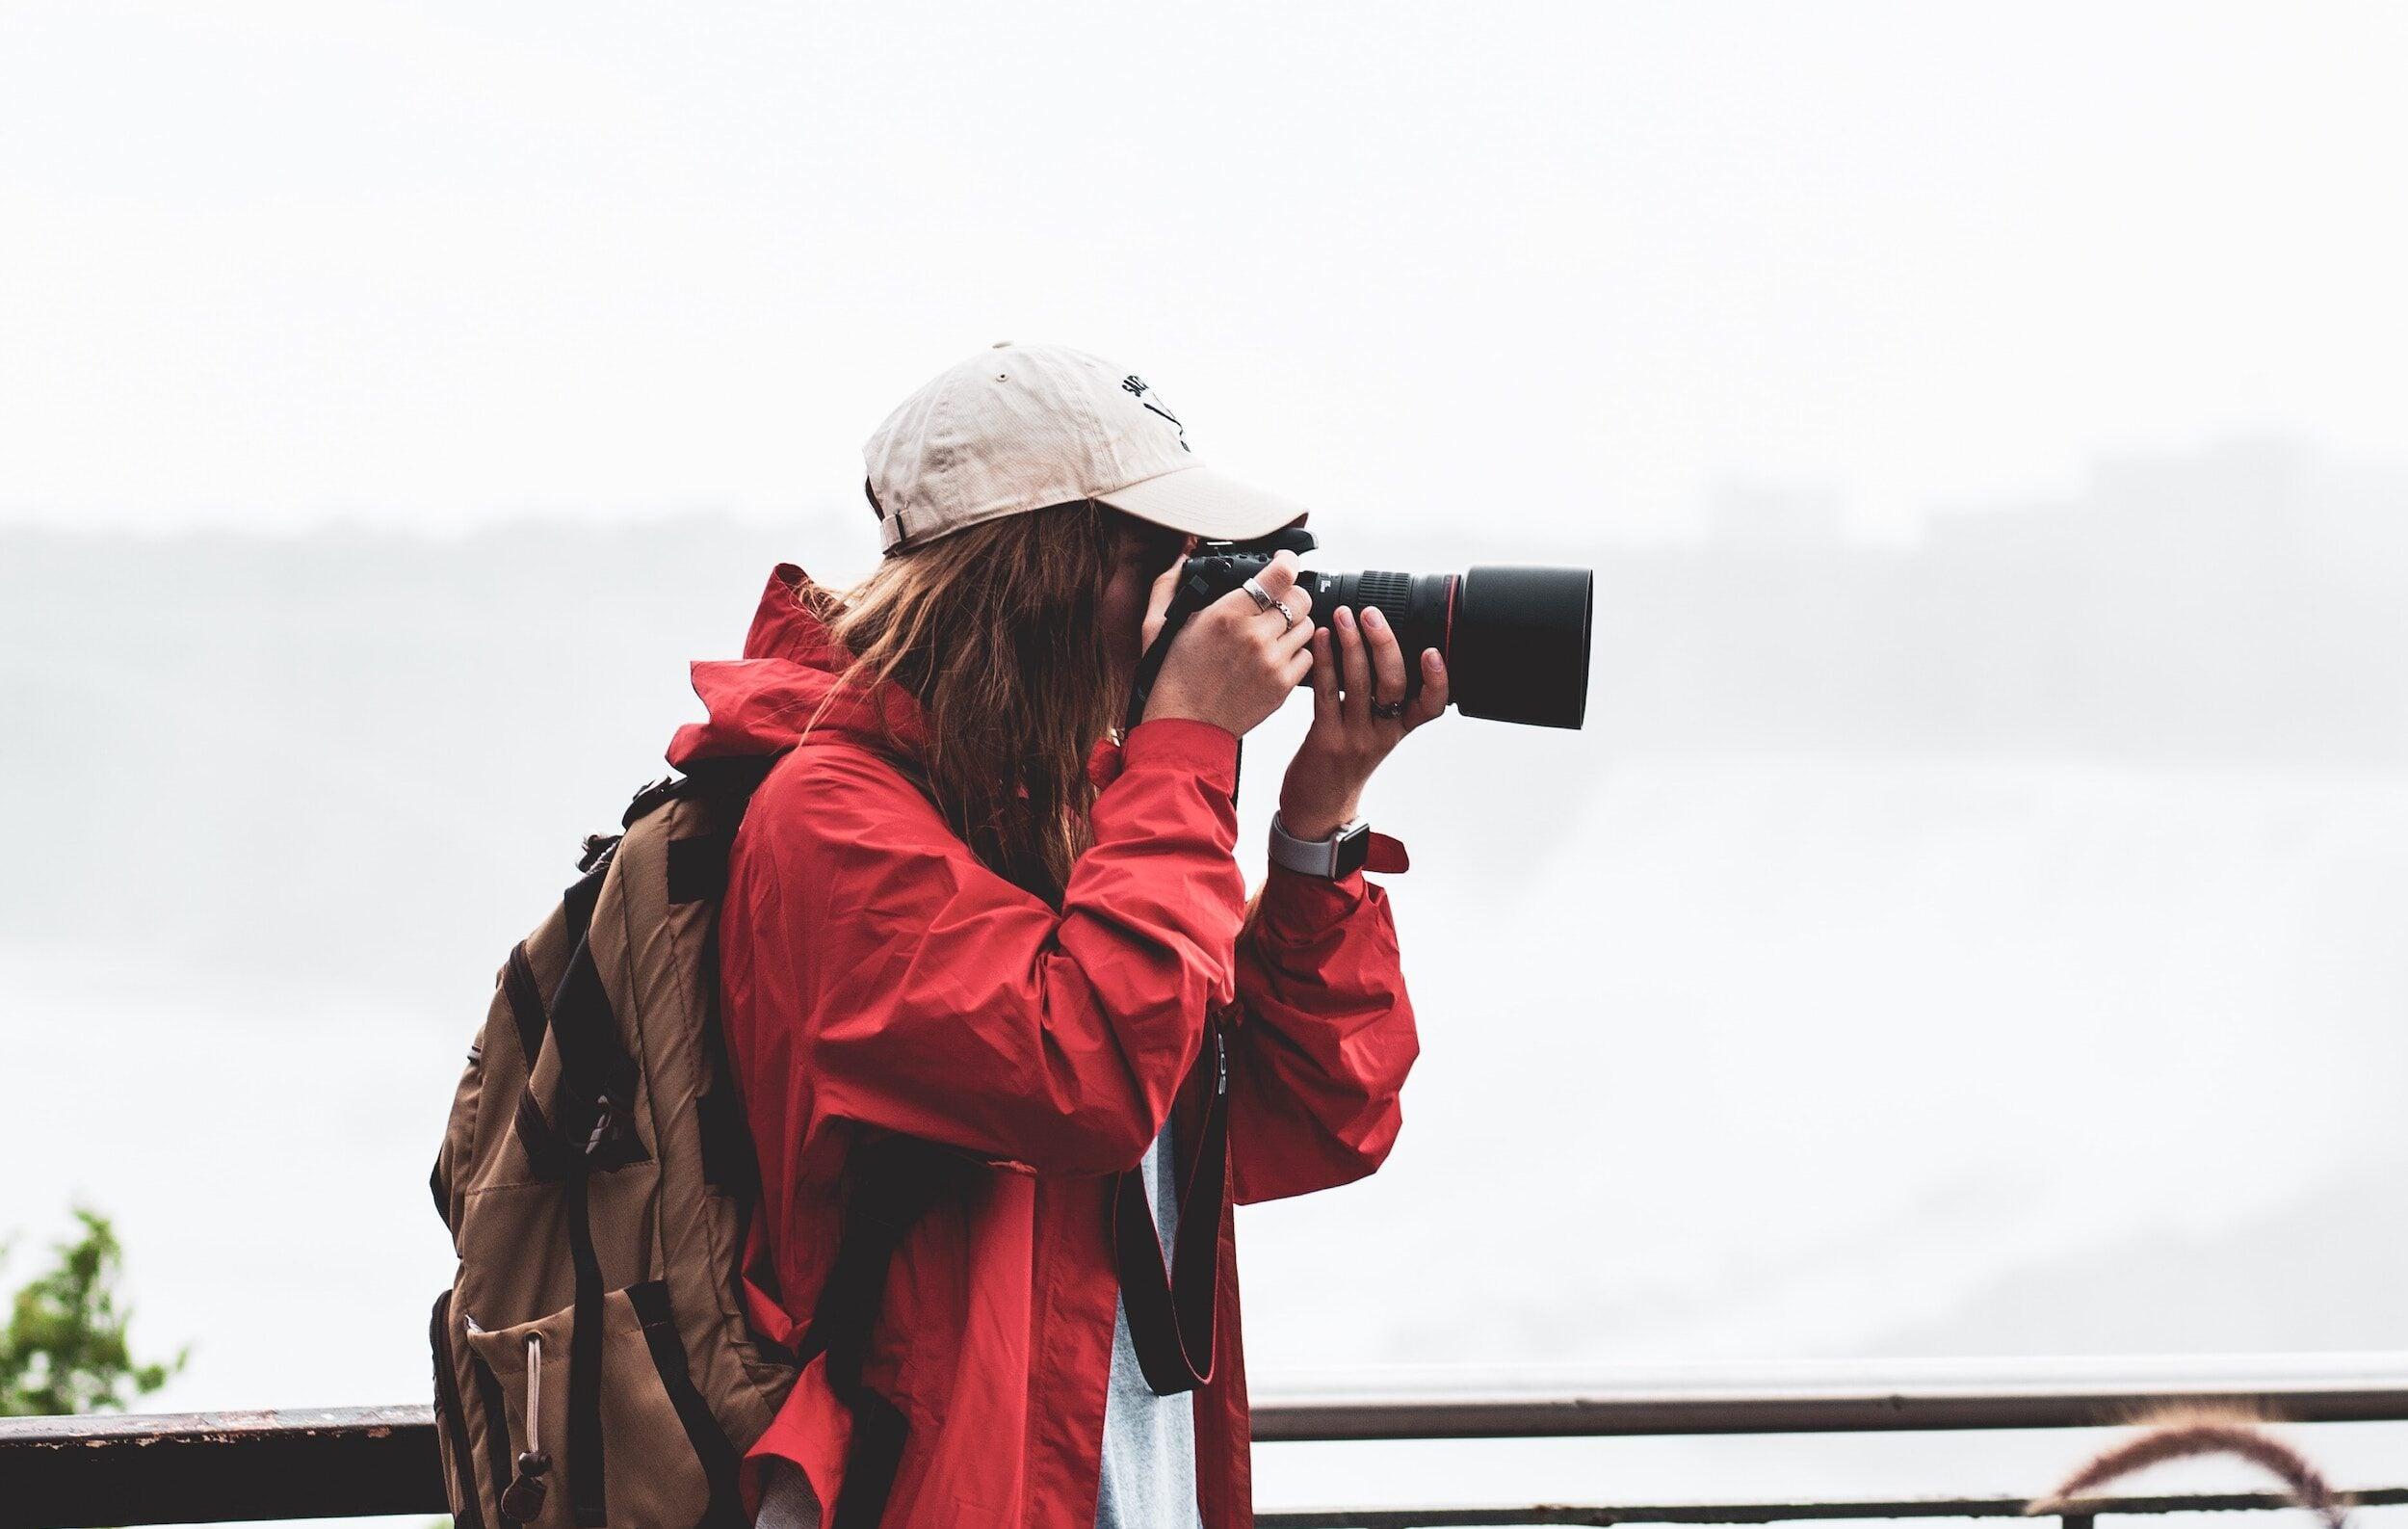 Gratis billeder uden copyright til hjemmesider